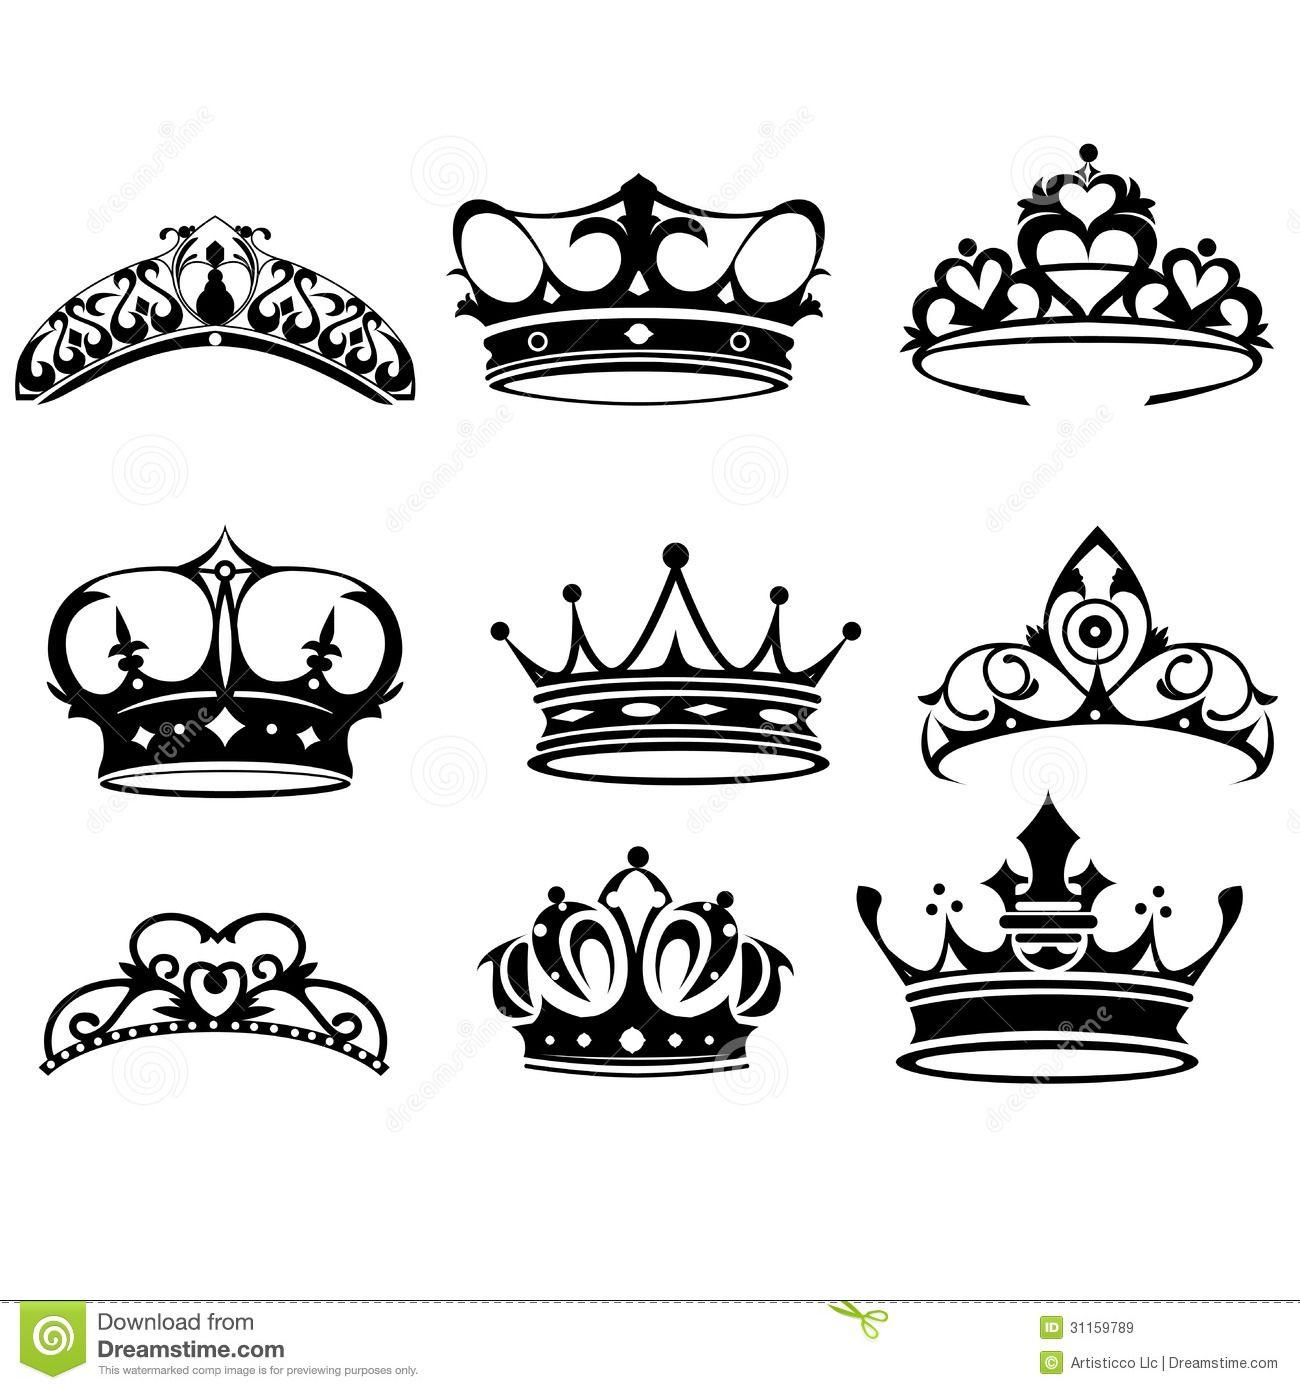 Icones De Couronne Images Libres De Droits Image 31159789